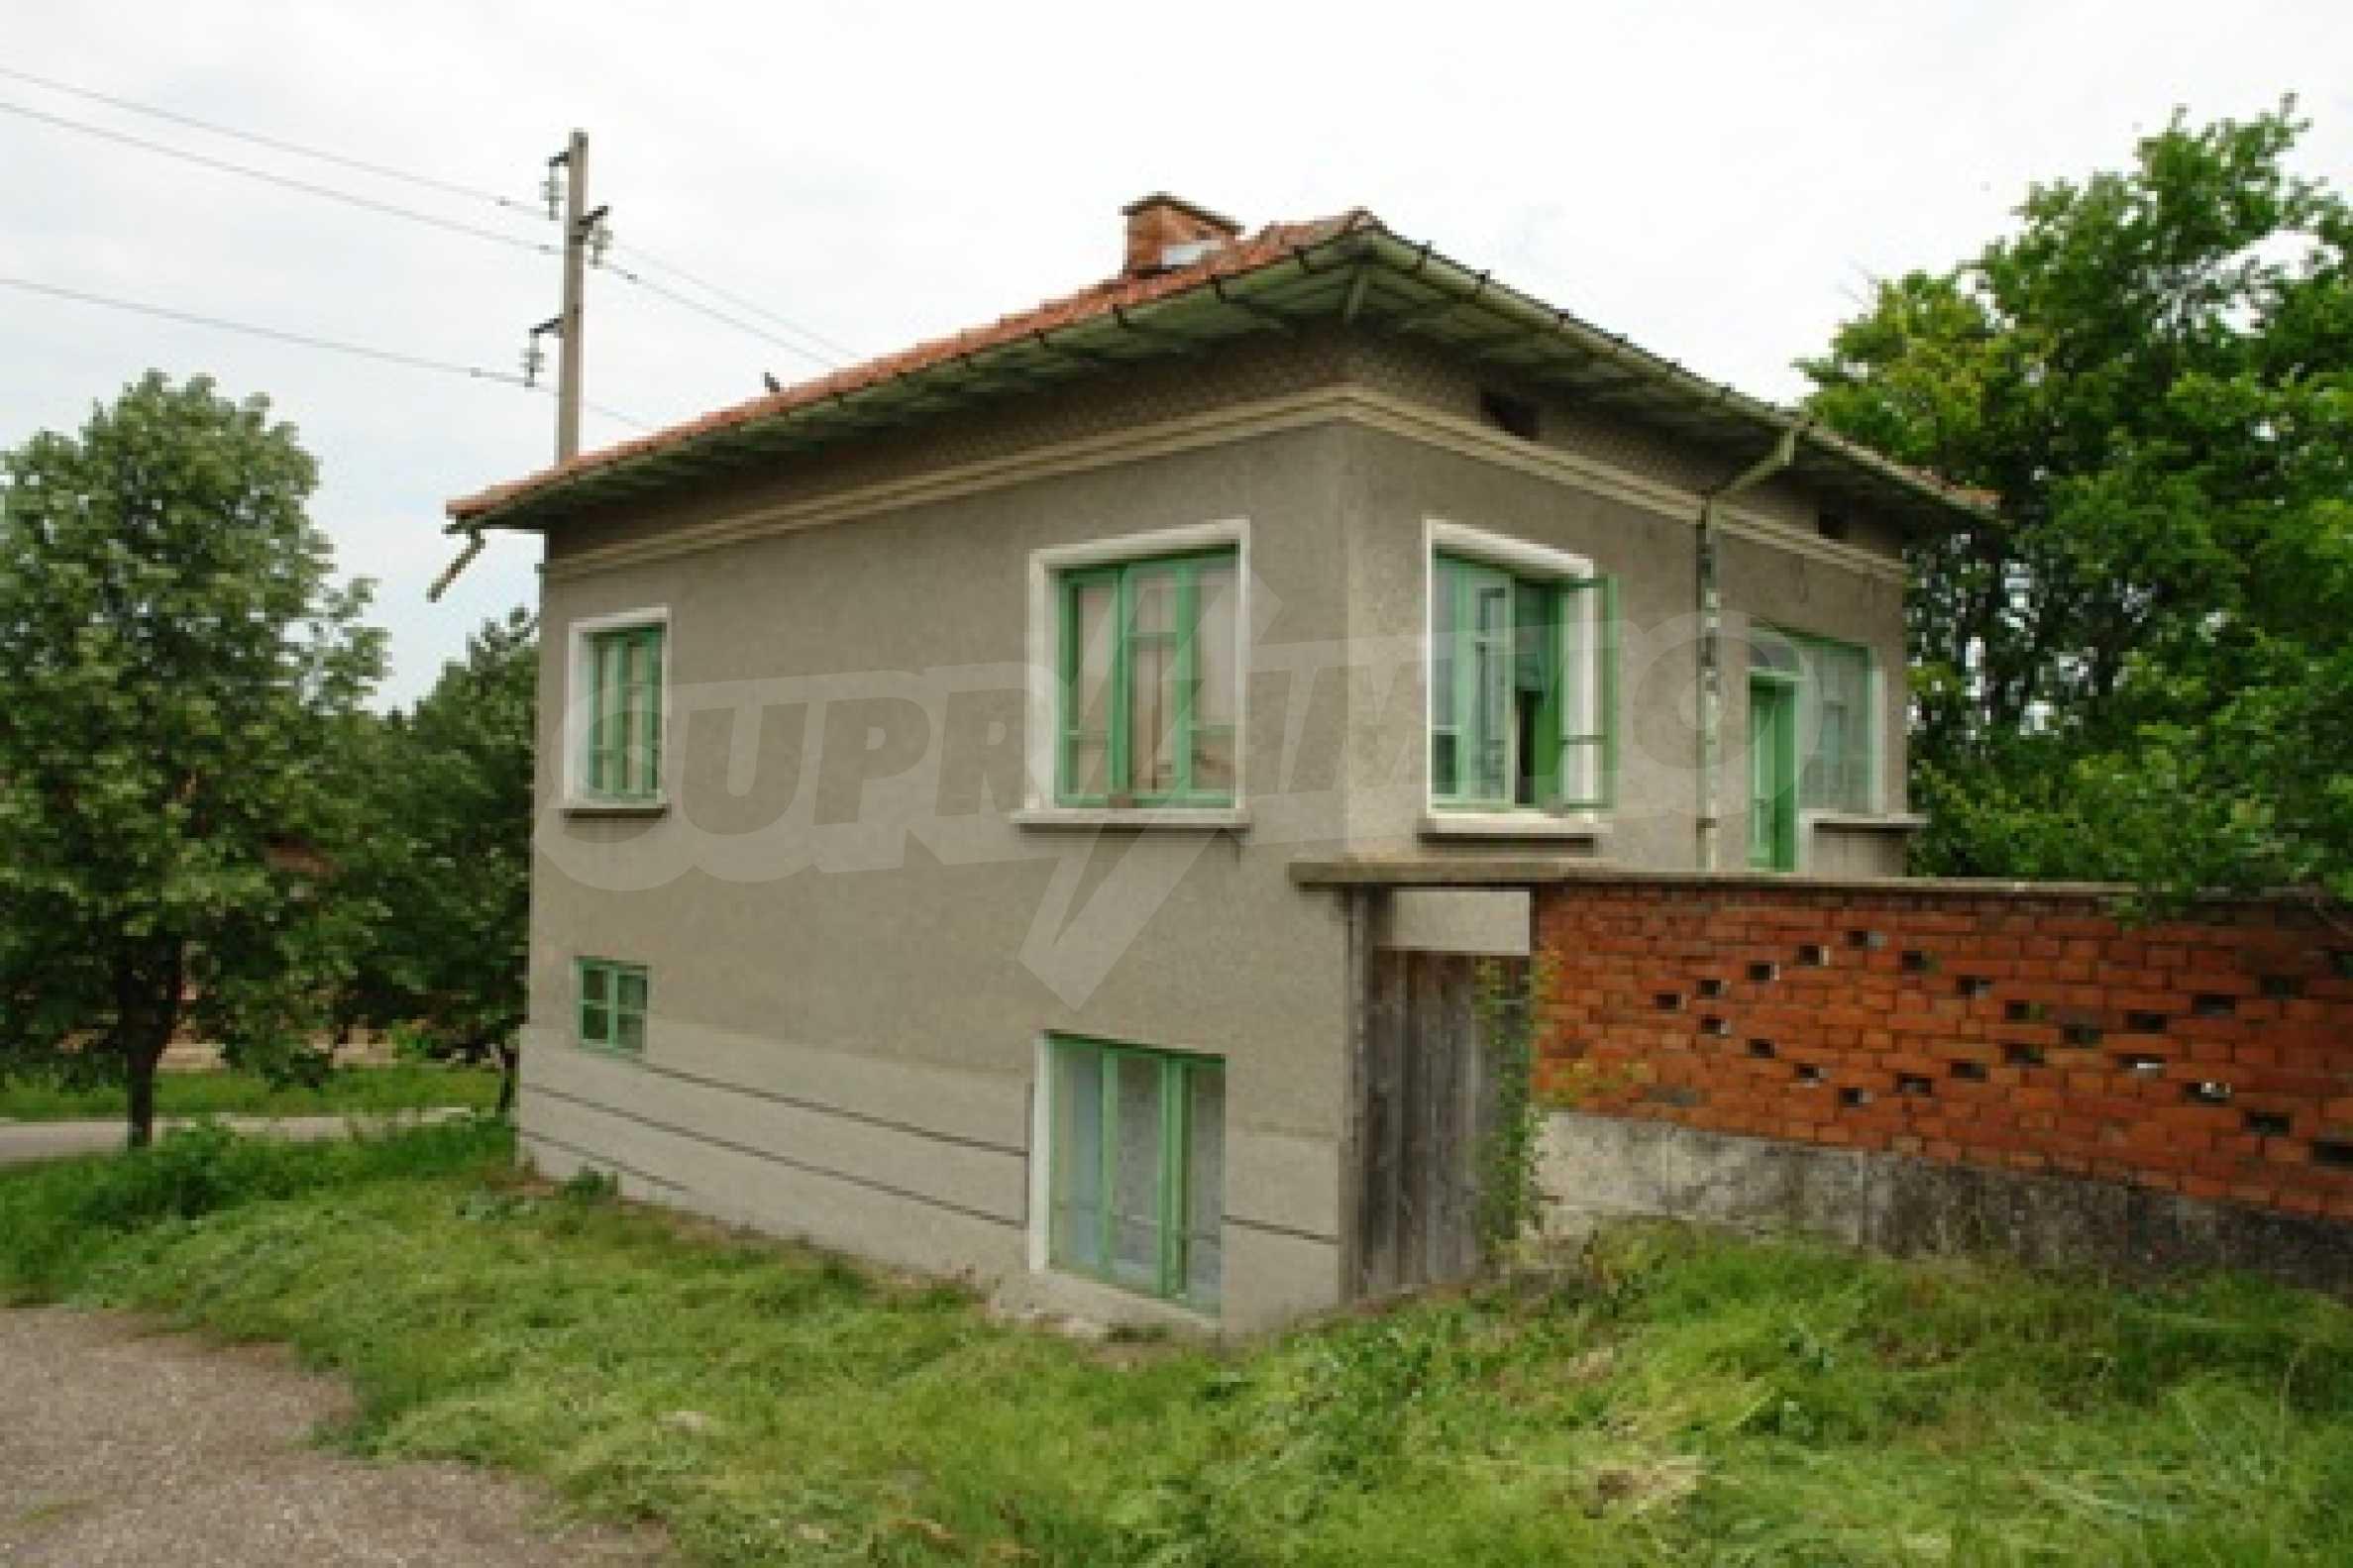 Geräumiges zweistöckiges Haus mit 4 Schlafzimmern im Dorf Trustenik, Rousse